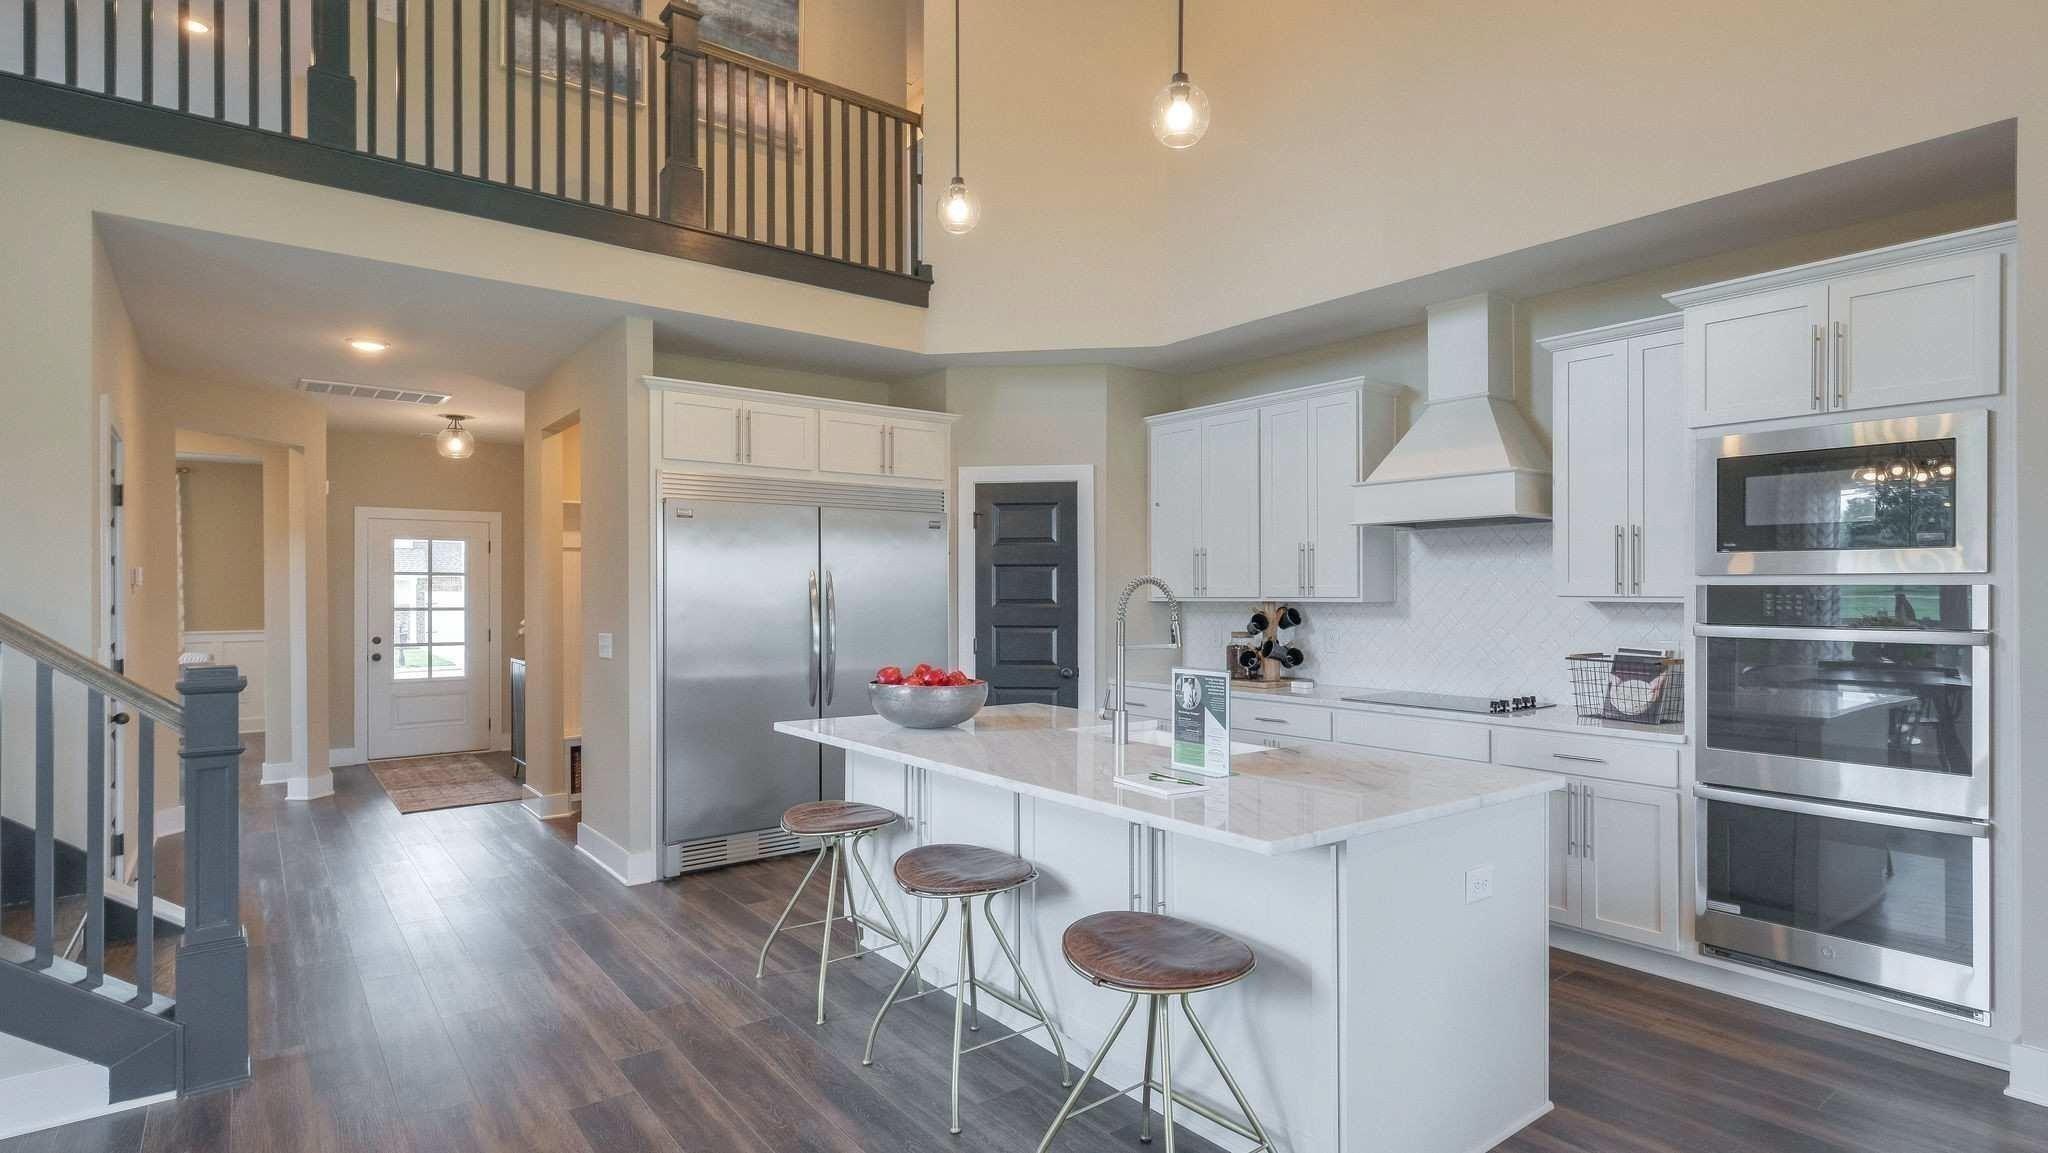 Kitchen featured in The Ridgeport B with 3-Car Garage By Davidson Homes LLC in Nashville, TN